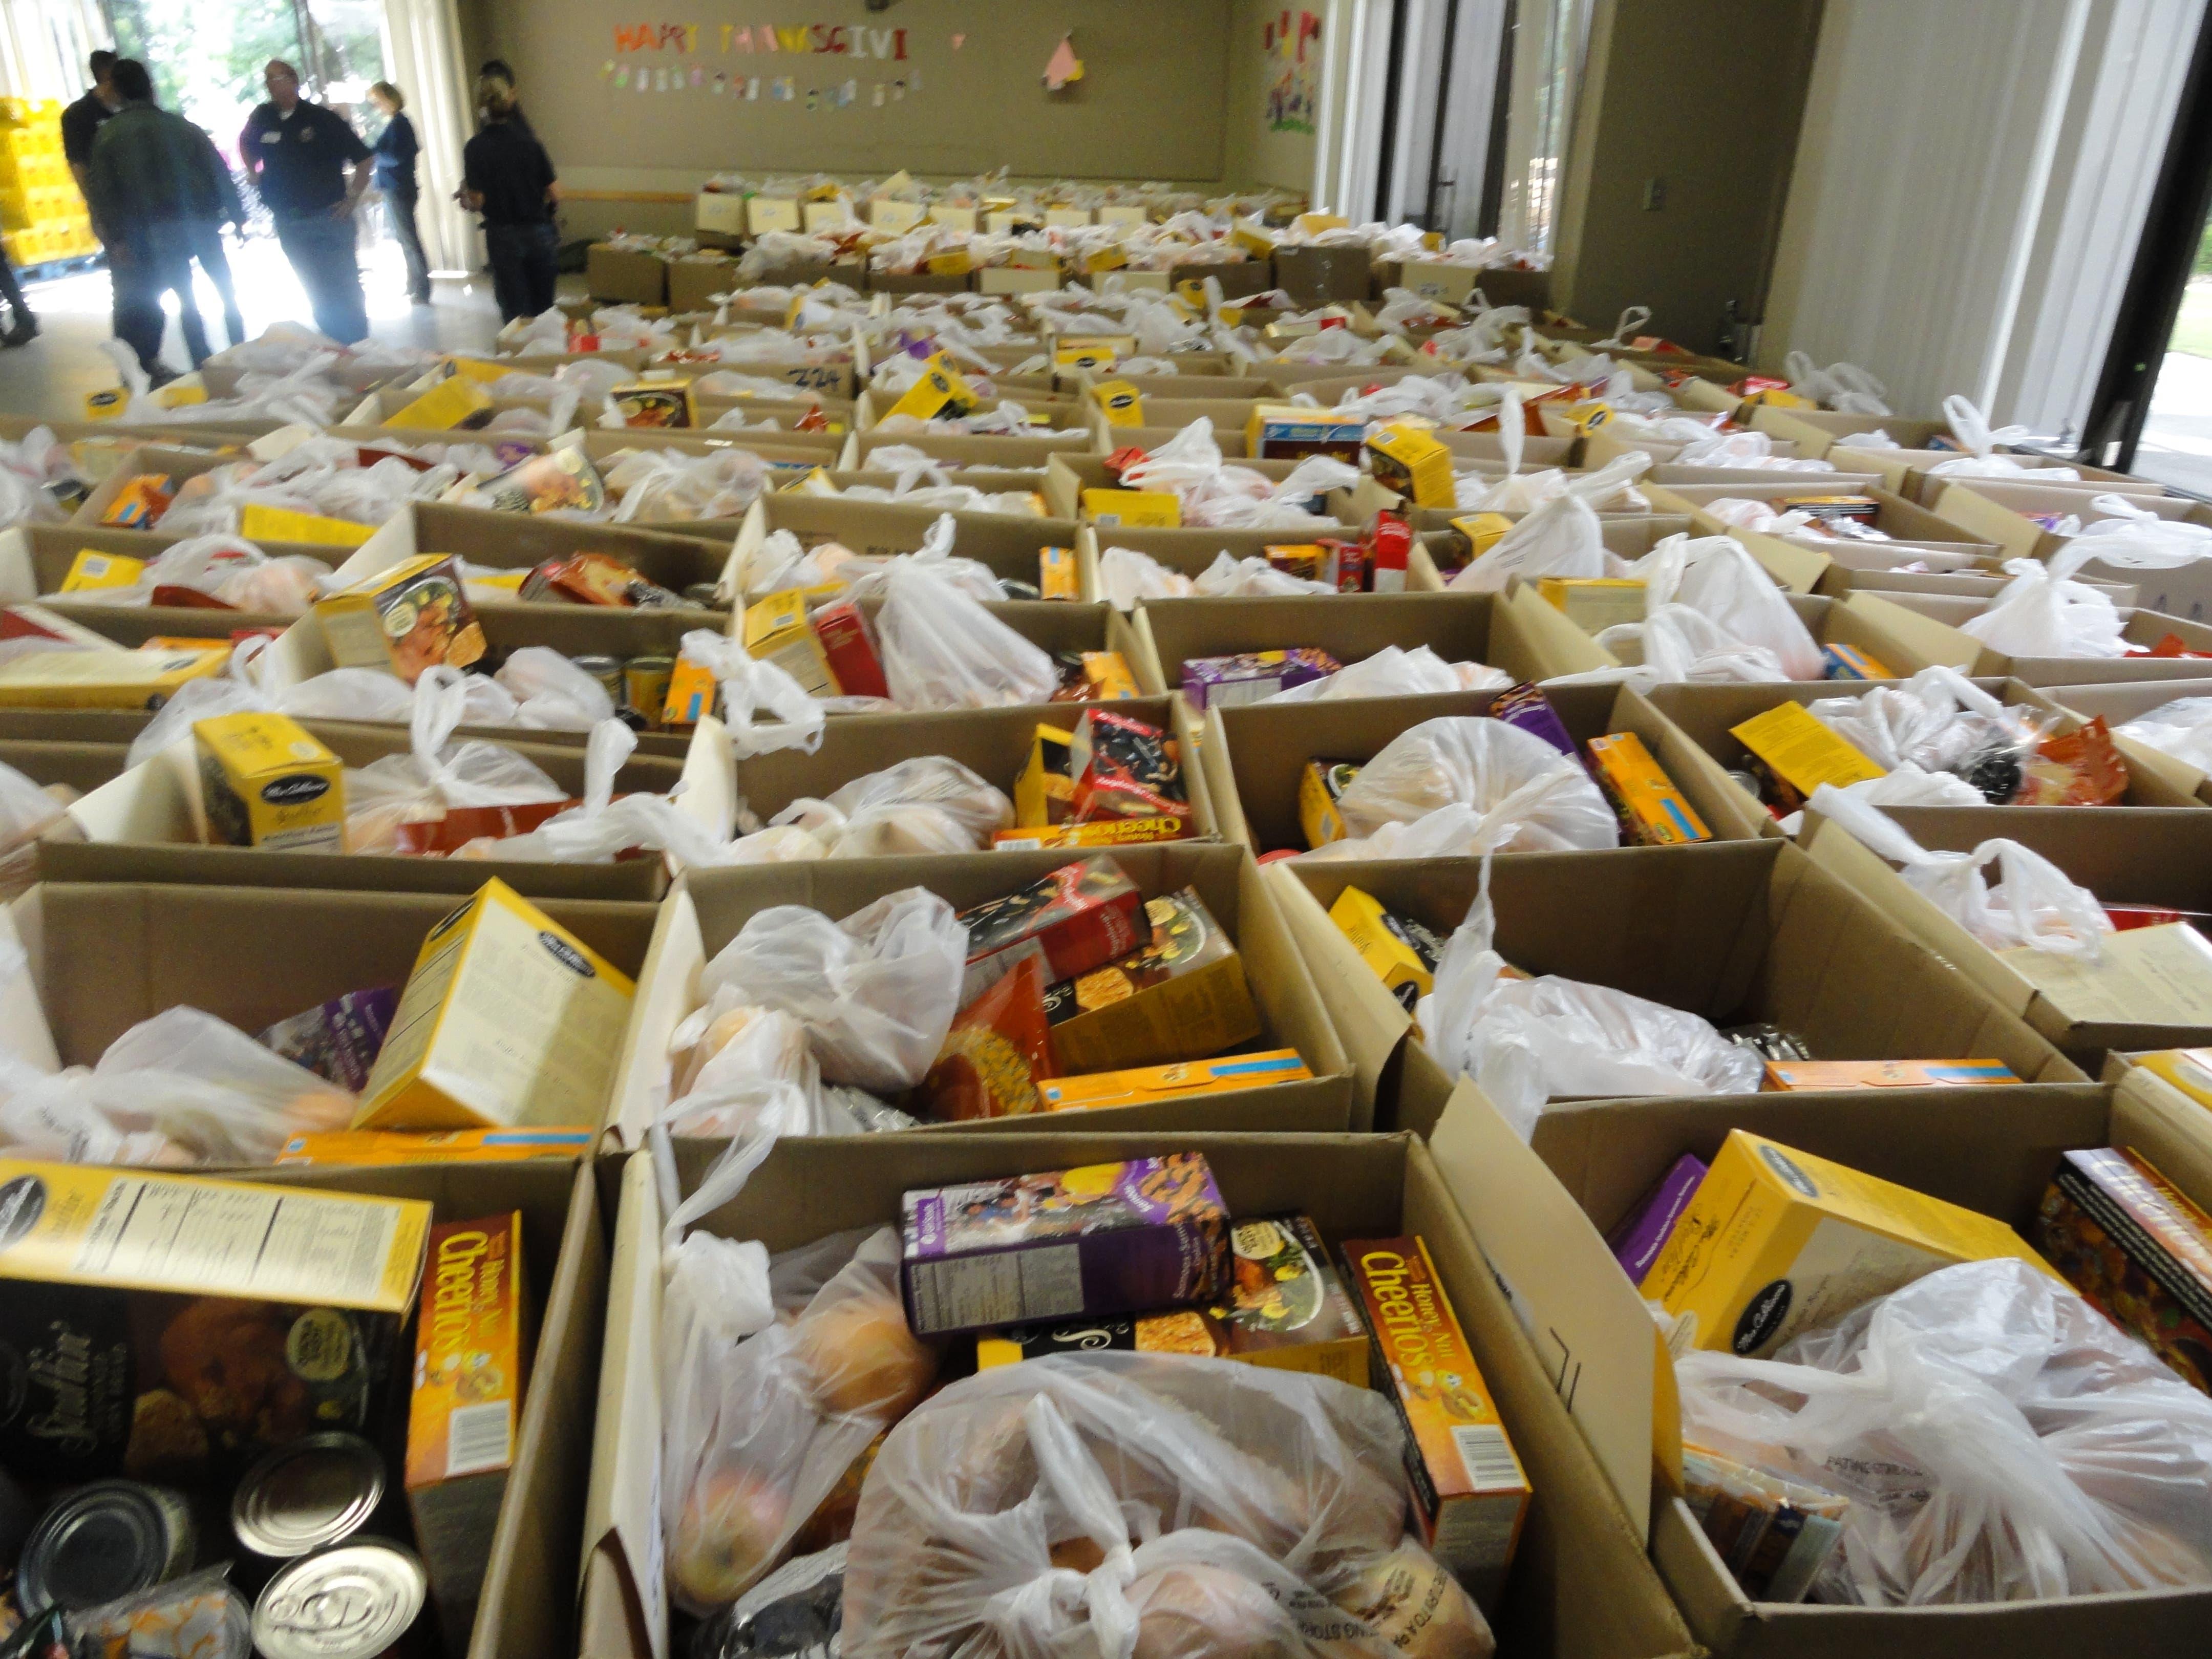 pasadena food bank donations